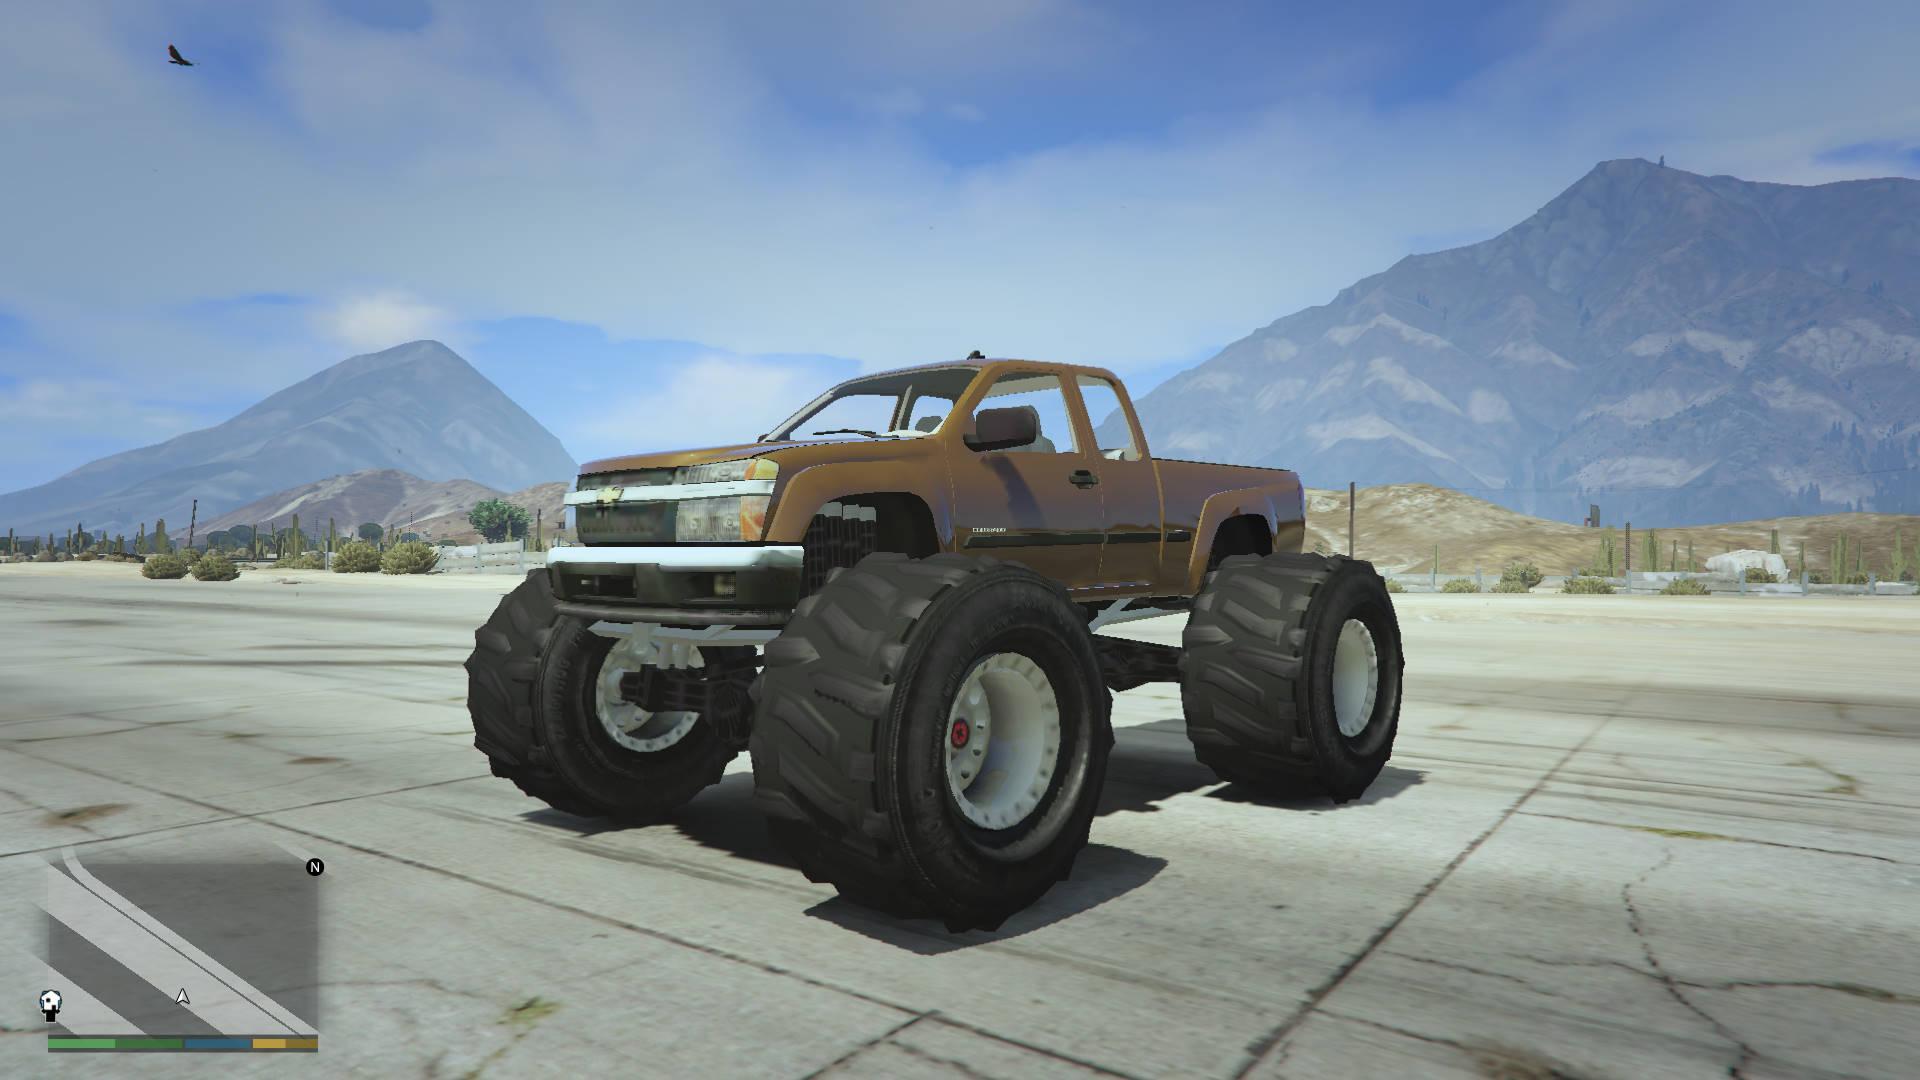 Monster Truck Limo >> Gta 5 Monster Trucks | www.imgkid.com - The Image Kid Has It!